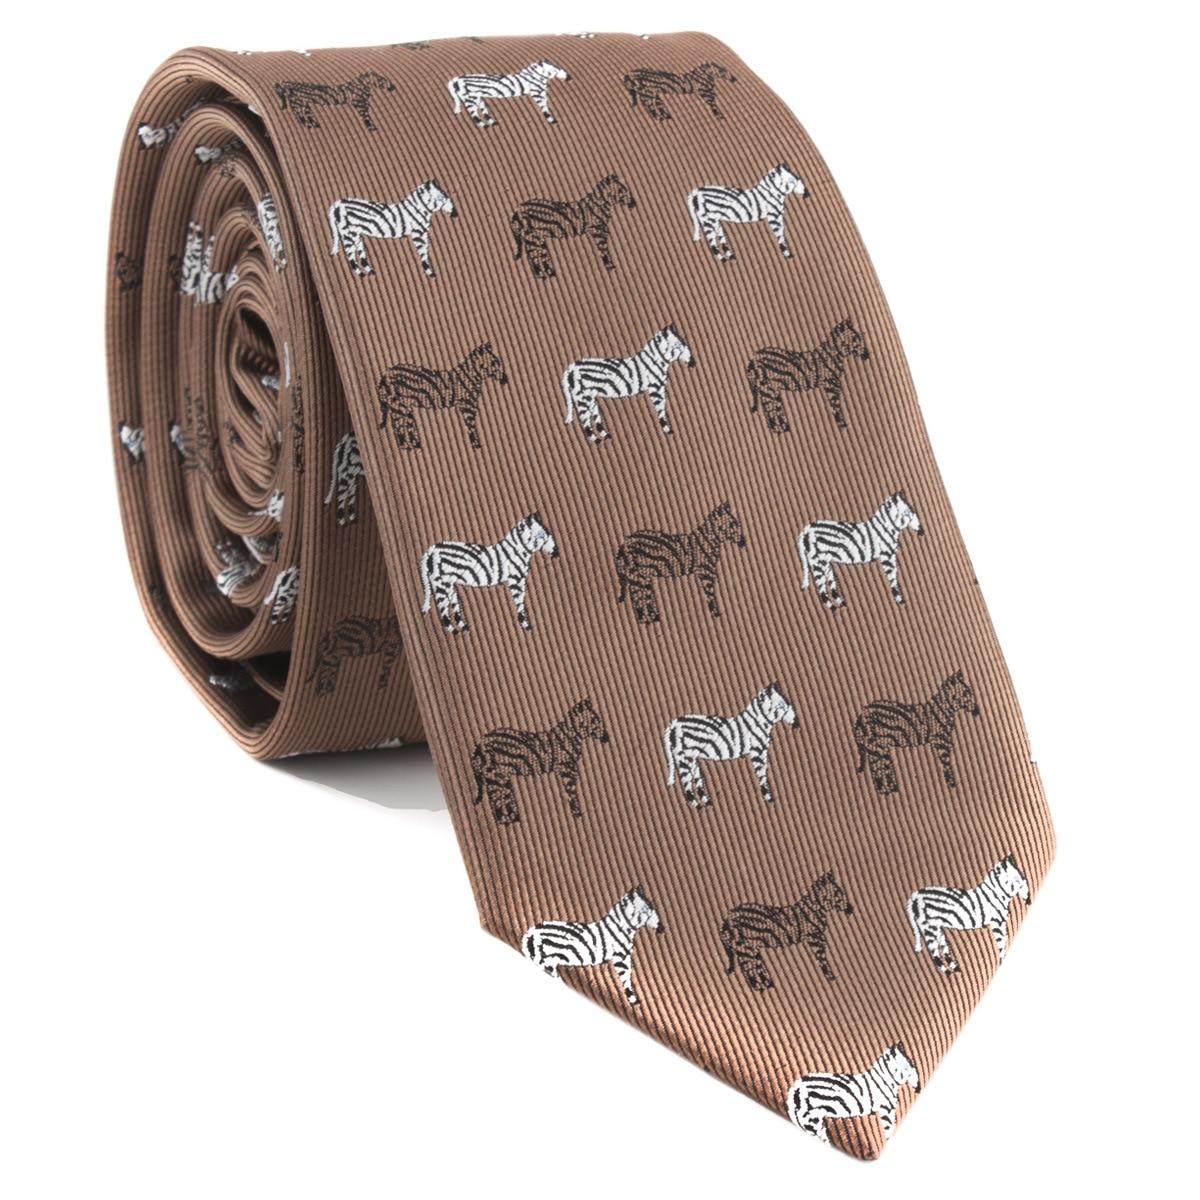 Bekleidung Zubehör Mantieqingway Vintage Art Und Weise Mens Tie Halskette Schmuck Europa Und Amerika Beliebten Westlichen Cowboy Hemd Bolo Bogen Krawatte Für Männer